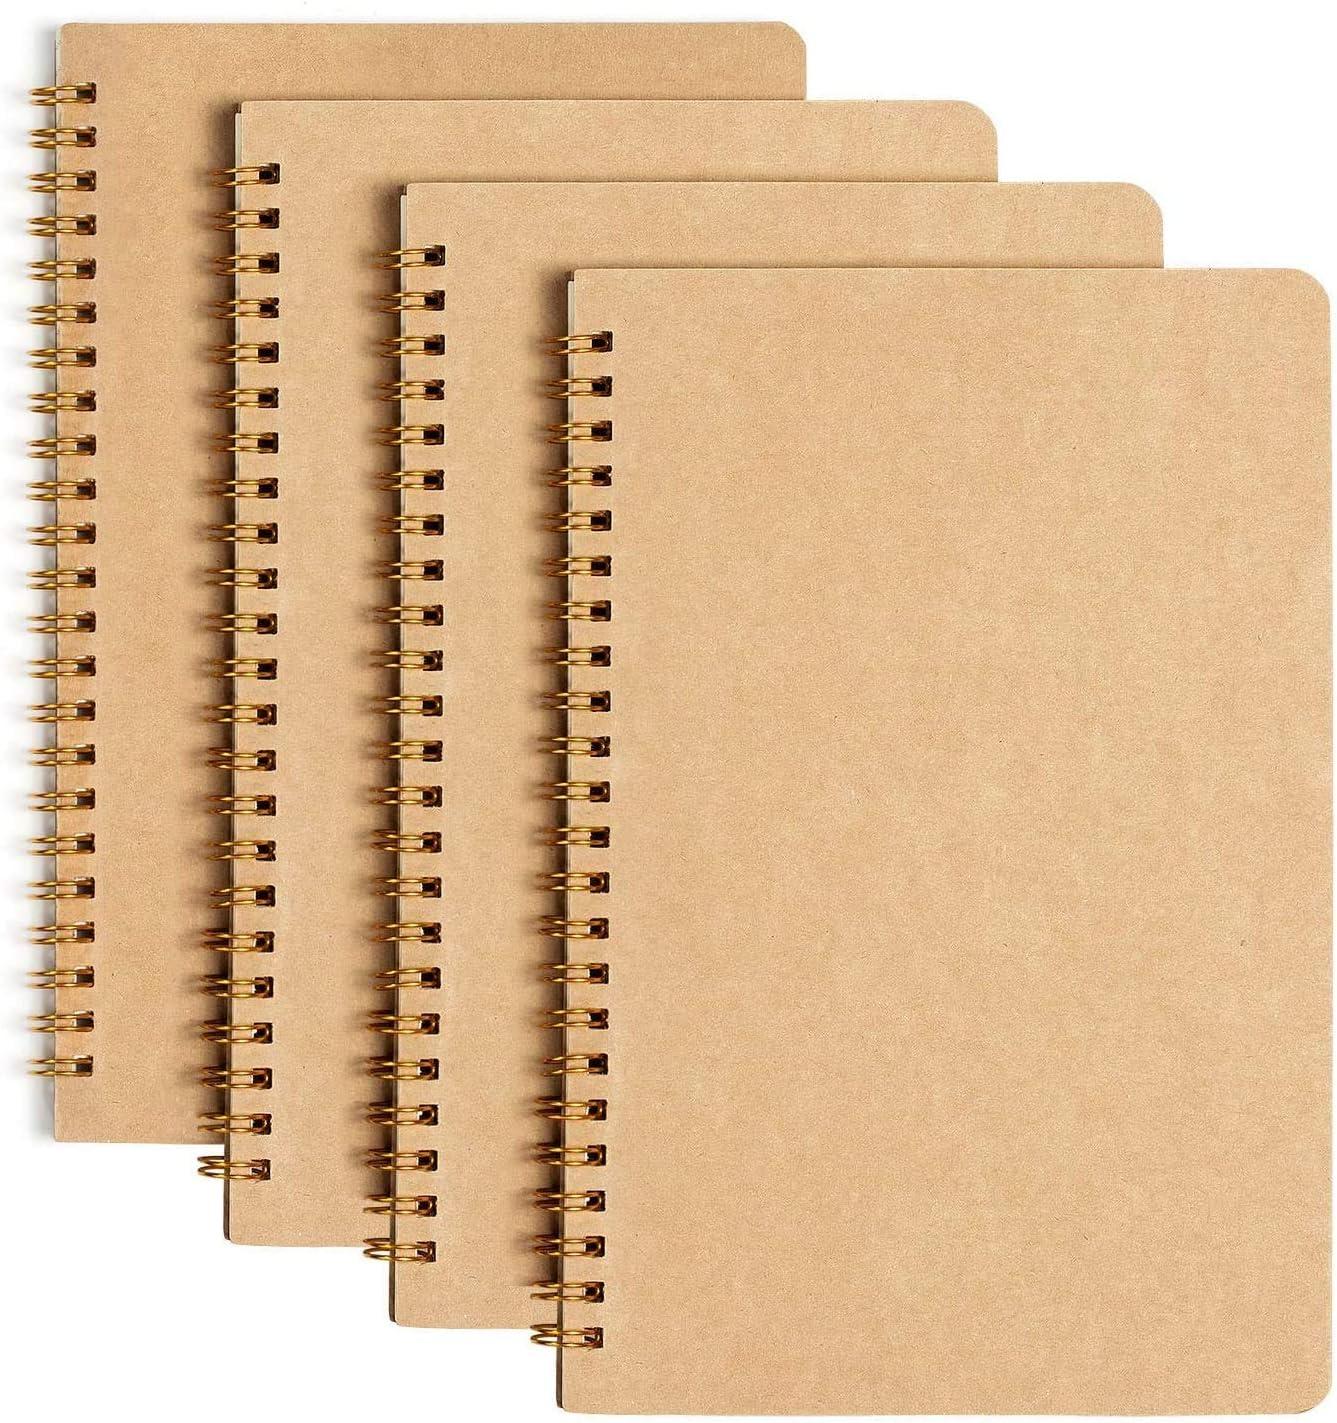 Bloc de Notas Espiral A5, GuKKK Pack de 4 Cuaderno Libretas Tapa Blanda Cubierta de Kraft 100 Páginas/50 Hojas, Cuaderno de Estudiante, Bloc de Notas de Cartón, Diarios para Escolar, Diario de Viaje